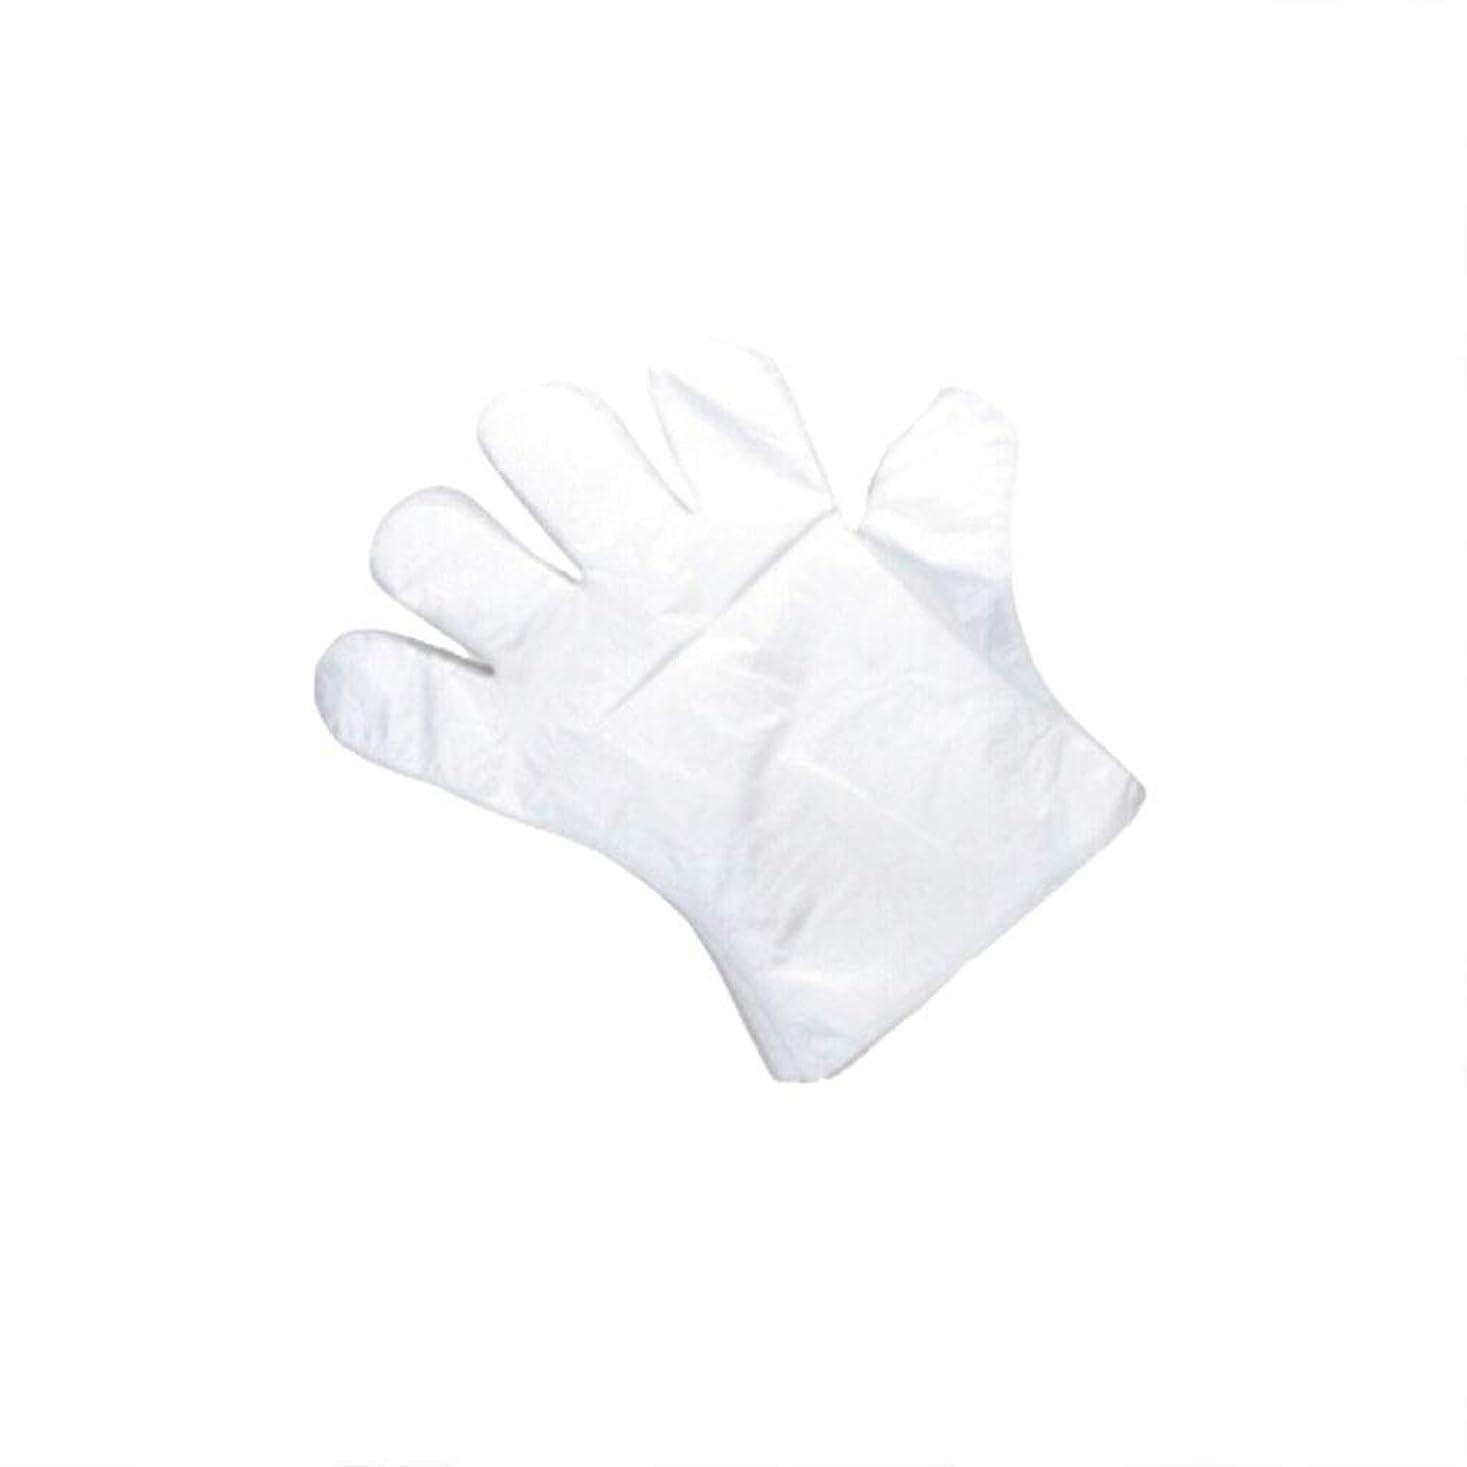 自殺ボイラーしかしながら手袋、使い捨て手袋、肥厚、抽出手袋、テーブル、ピクニック、100スーツ。